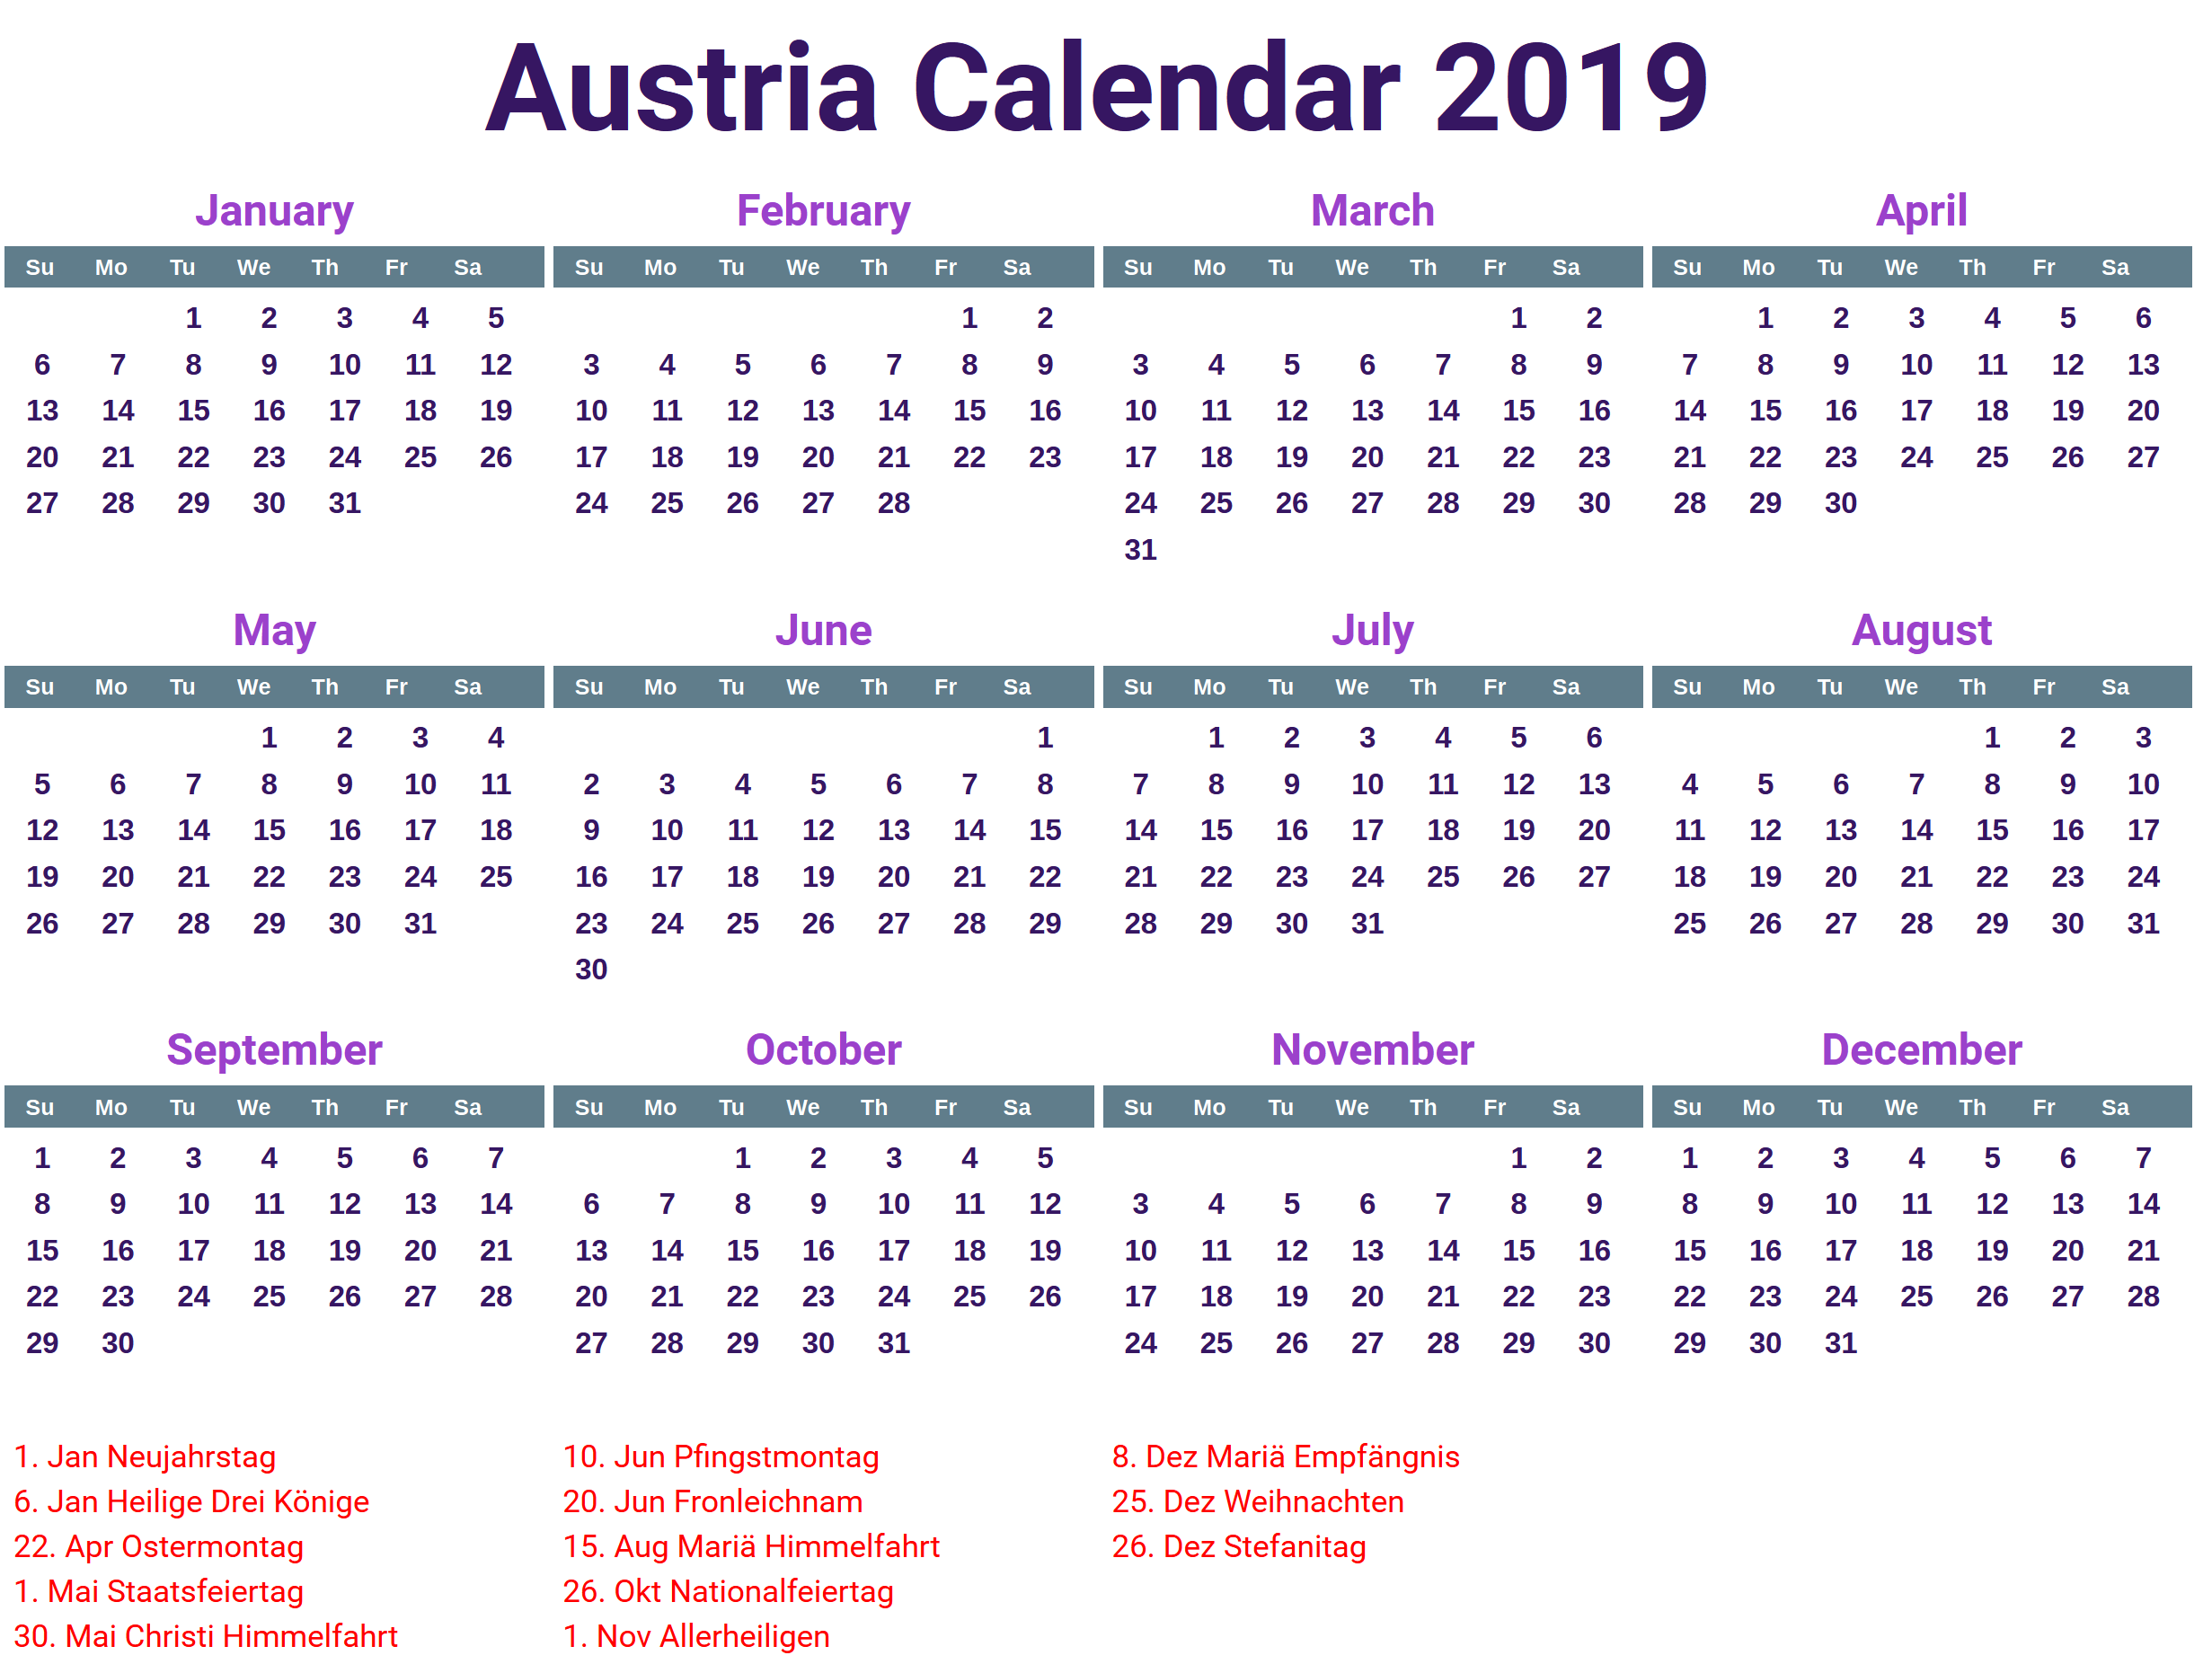 Public Holidays in Austria 2019